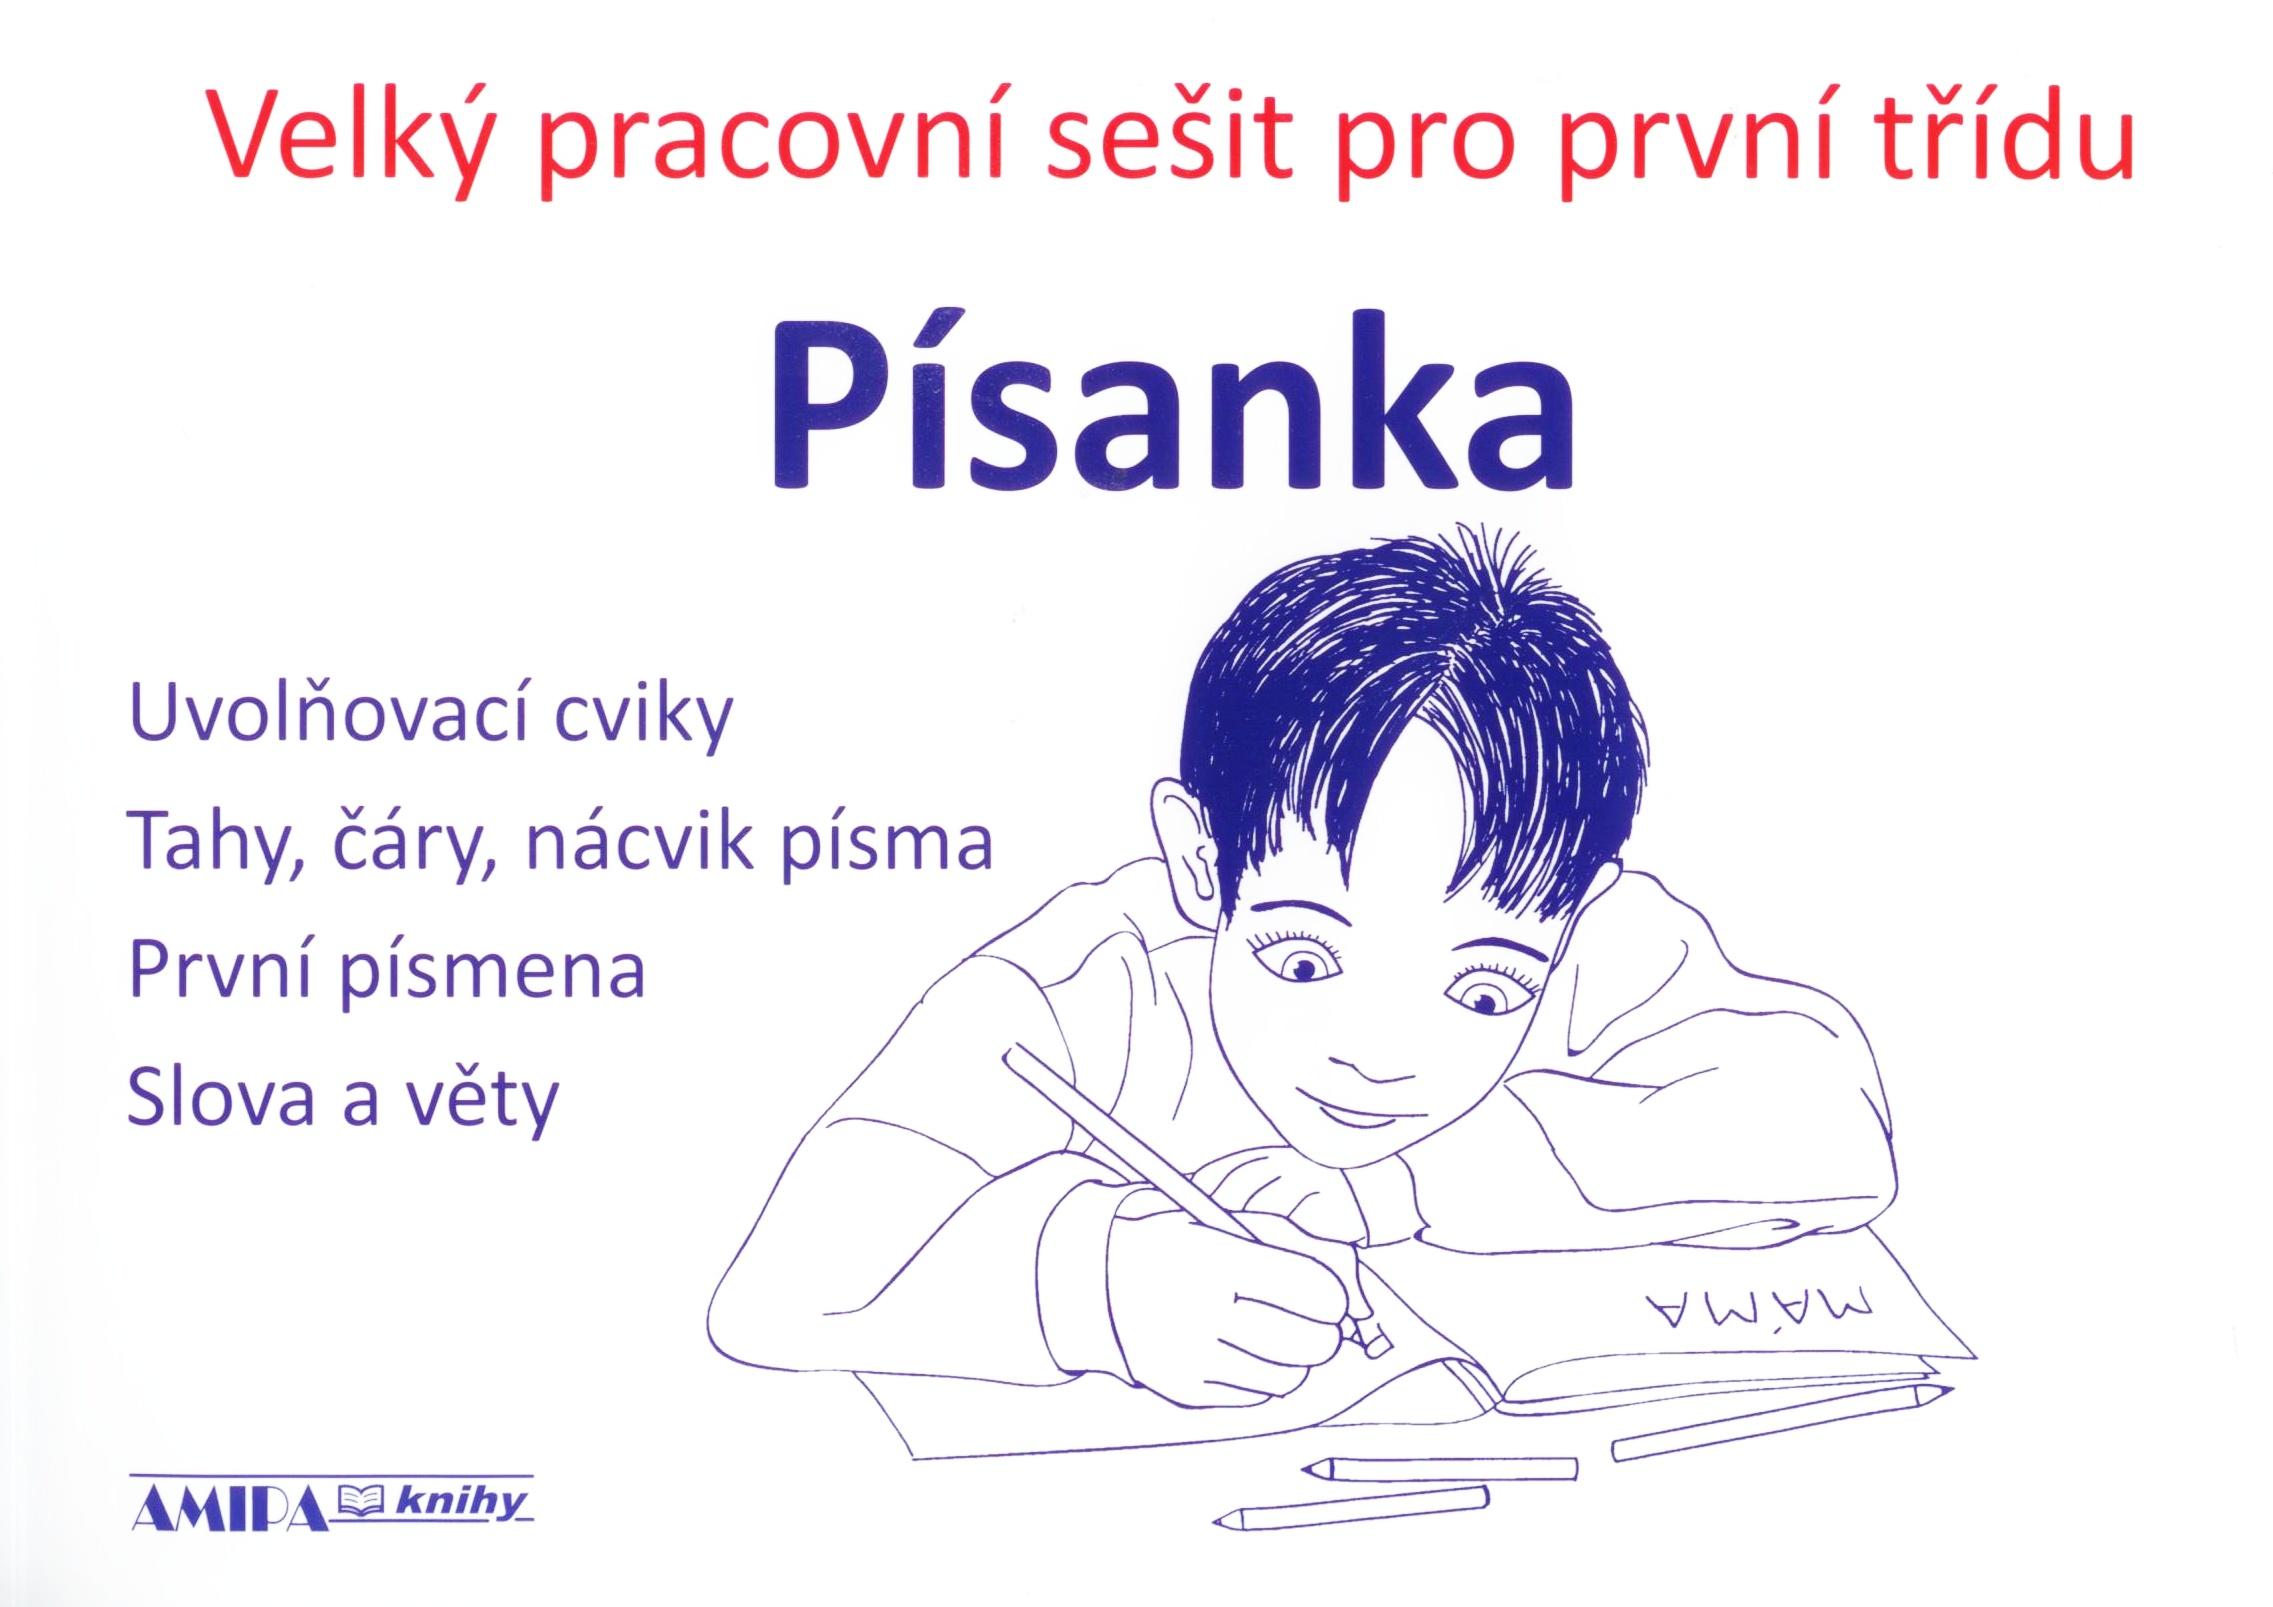 Písanka velký pracovní sešit pro první třídu